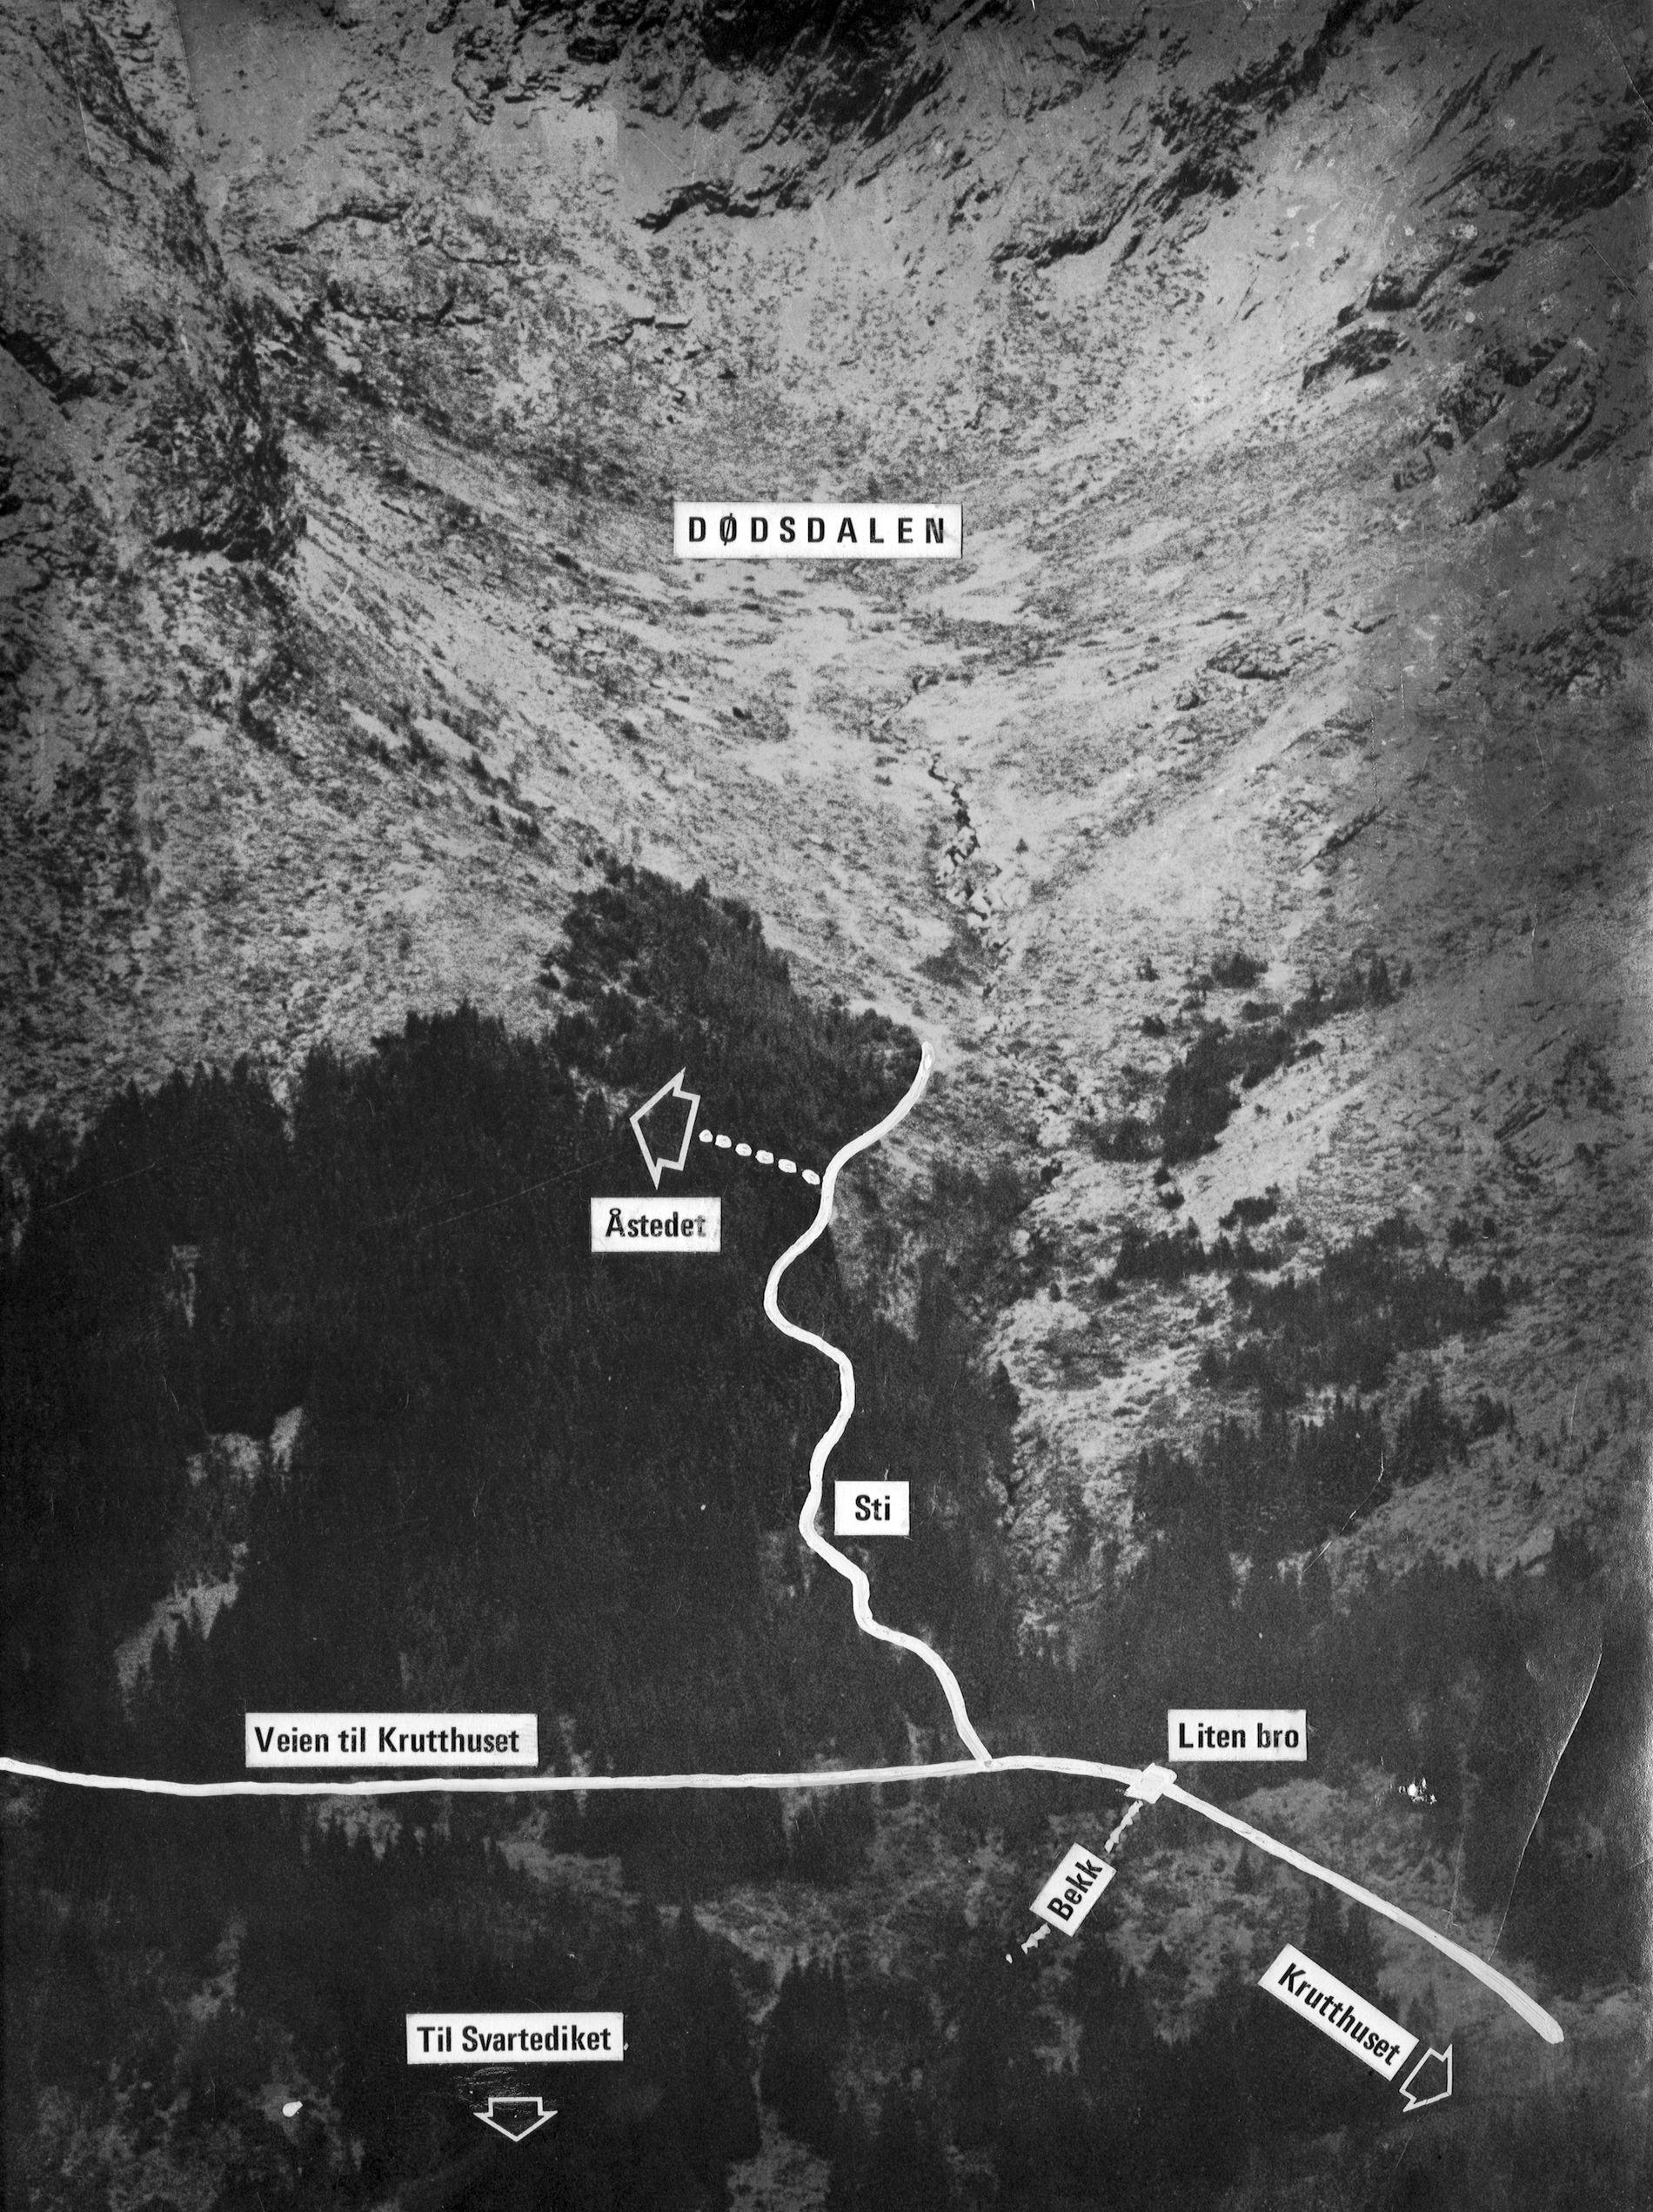 ÅSTEDET: Isdalskvinnen ble funnet død 29. november 1970 av turgåere. ILLUSTRASJON: BTs ARKIV